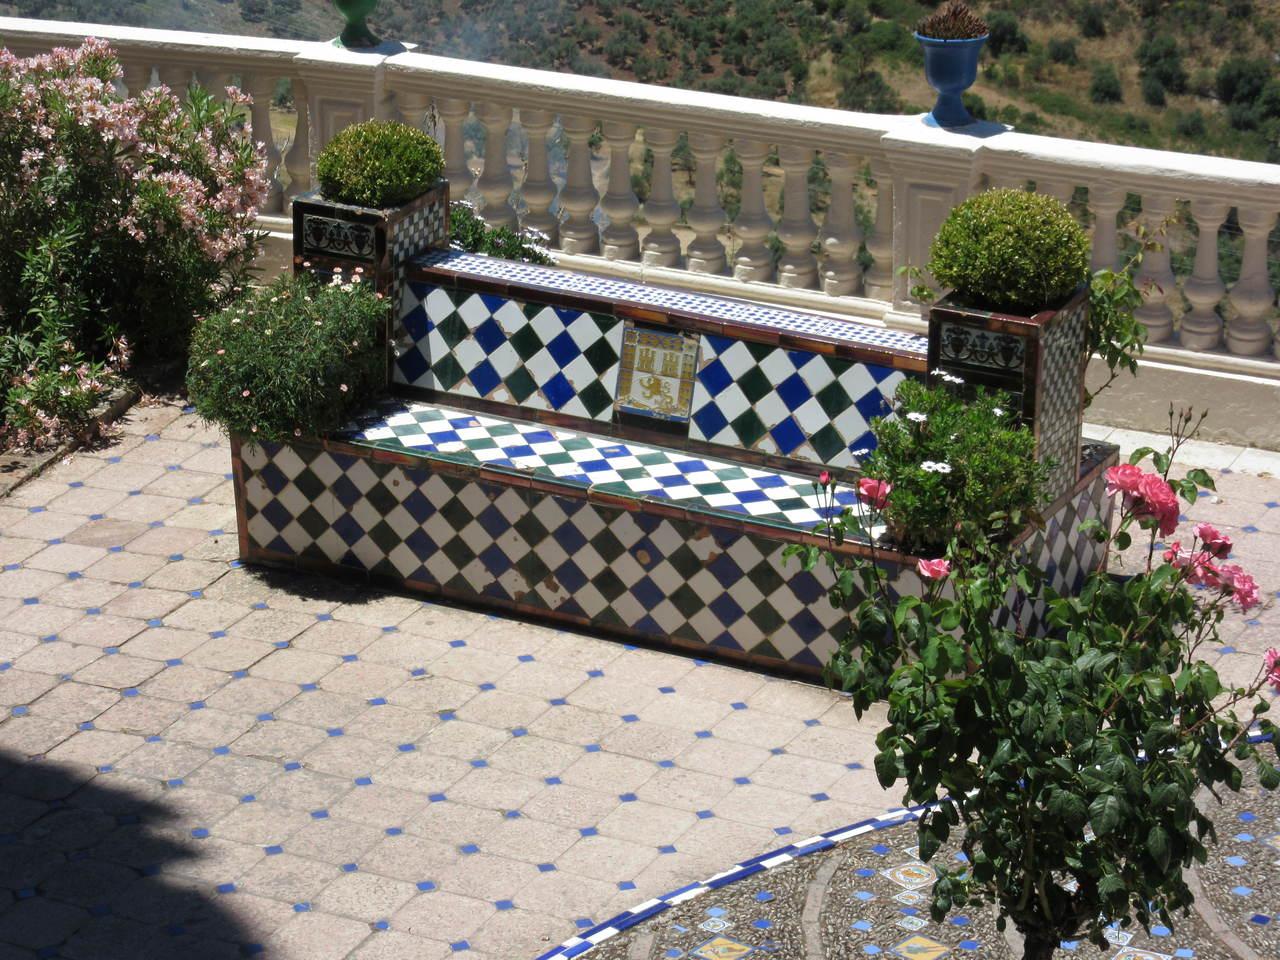 Casa Don Bosco Ronda